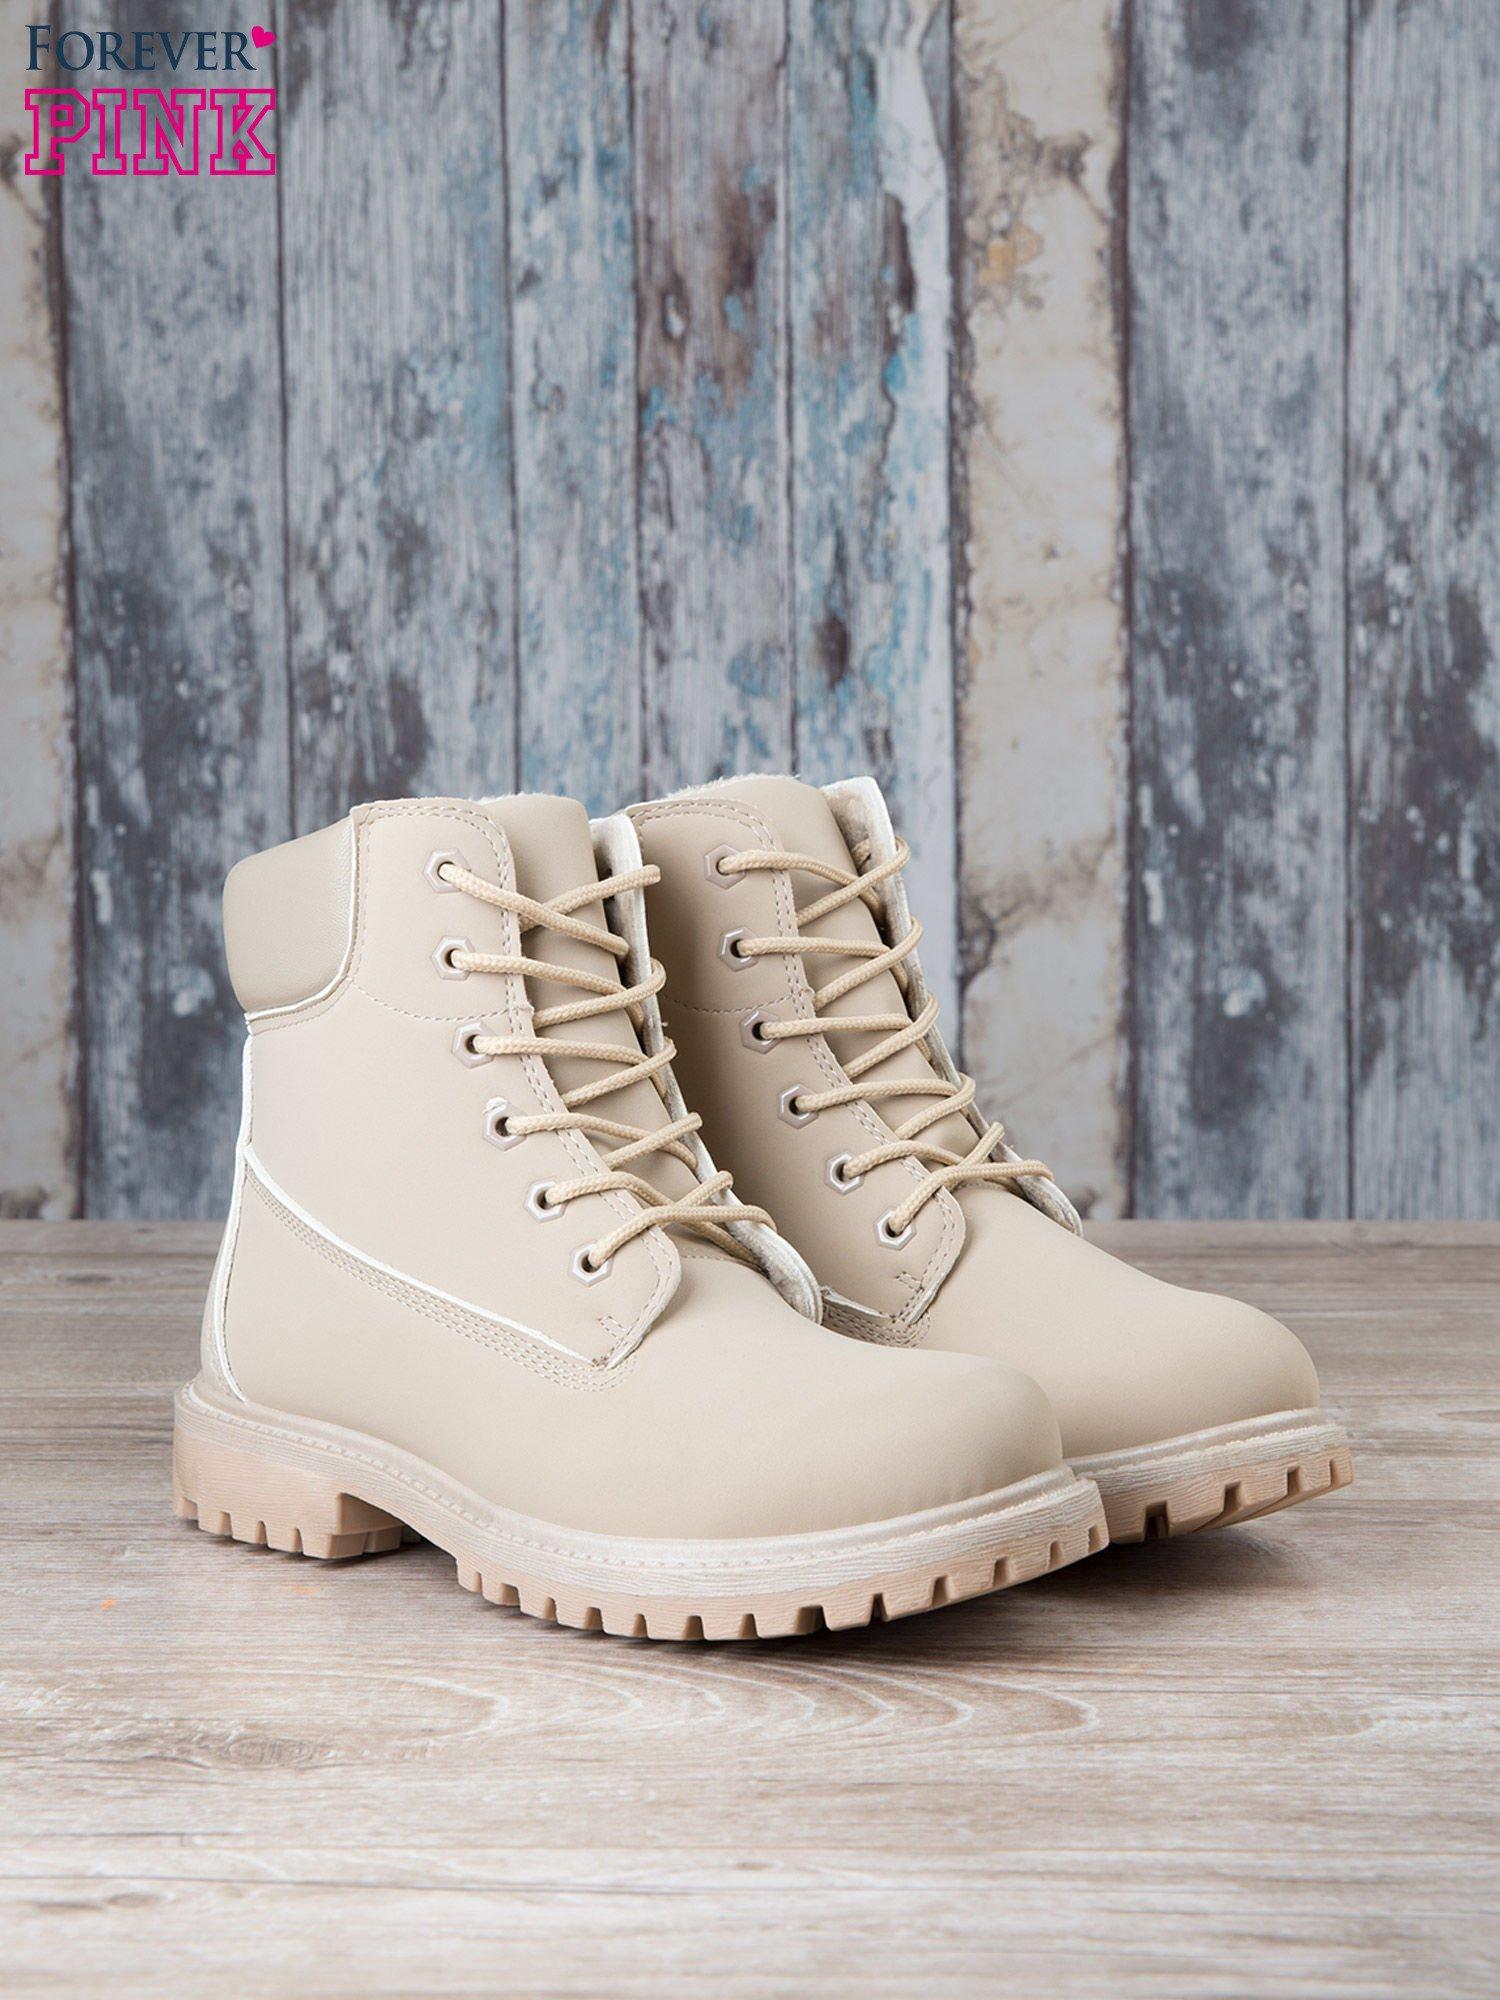 Jasnobeżowe jednolite buty trekkingowe damskie Westie traperki ocieplane                                  zdj.                                  3